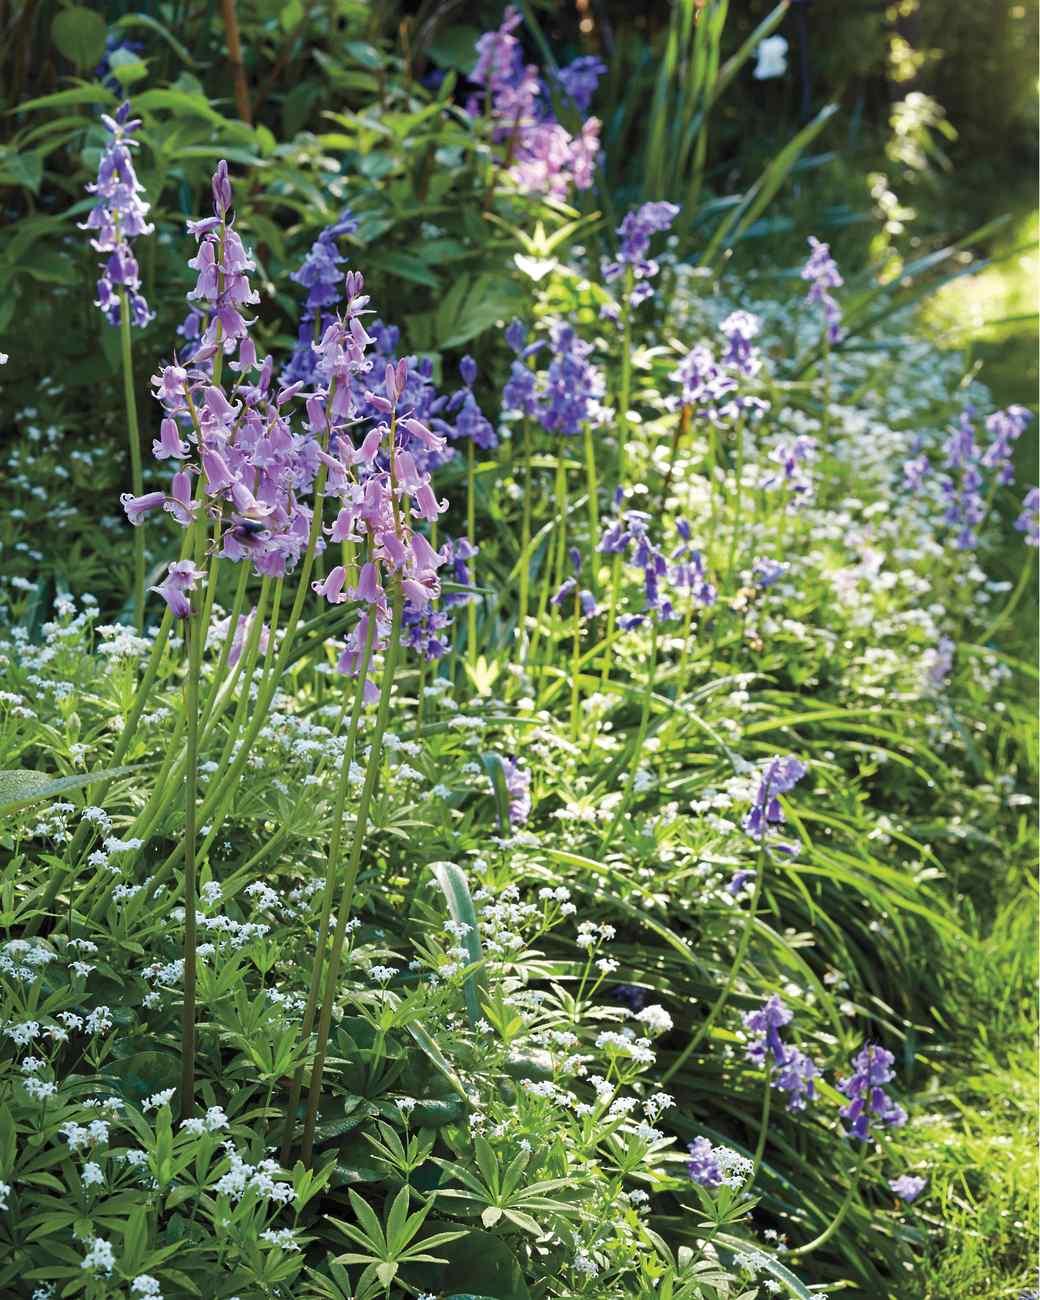 sakonnet-garden-rhode-island-0156-d112230-0216.jpg